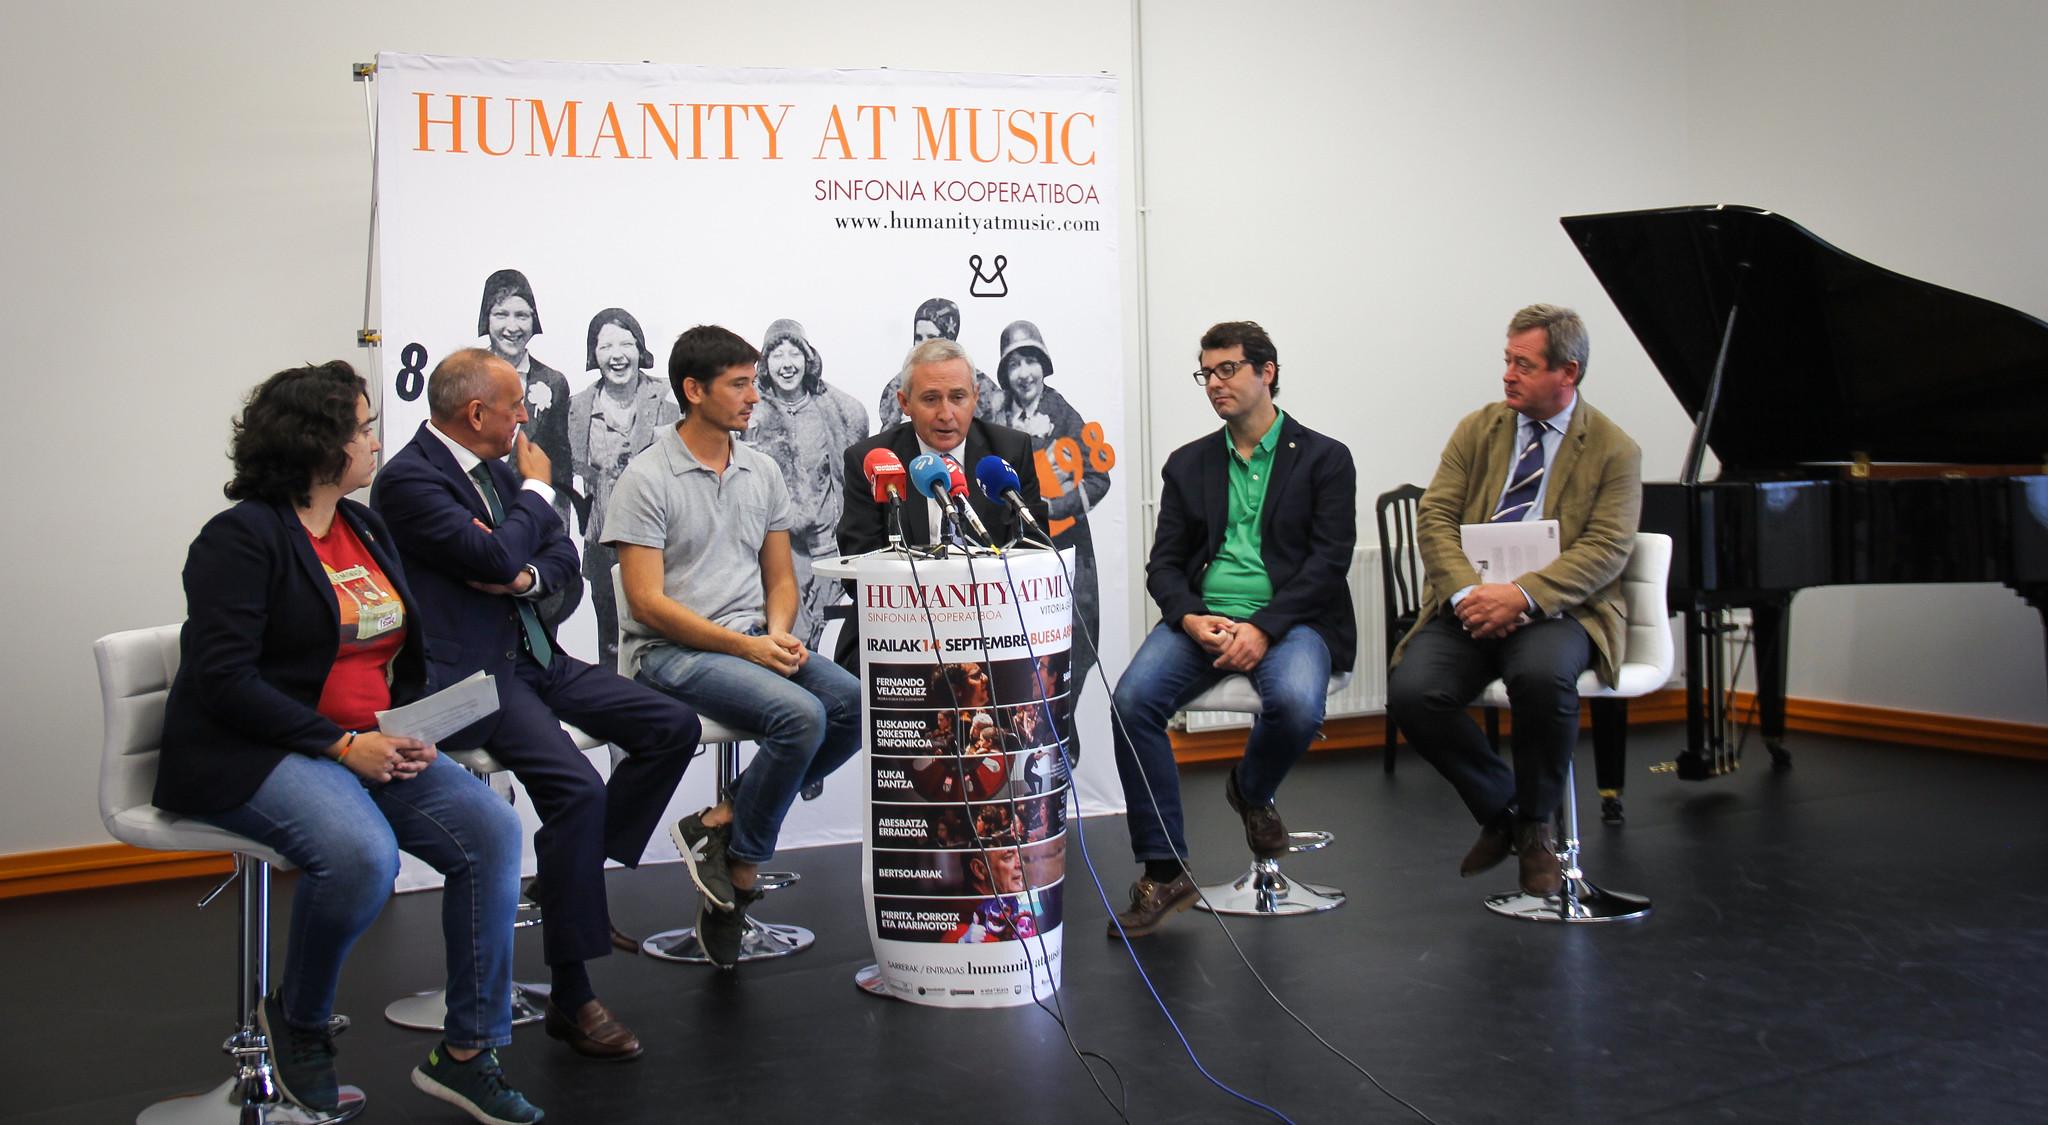 Humanityatmusic-buesarena